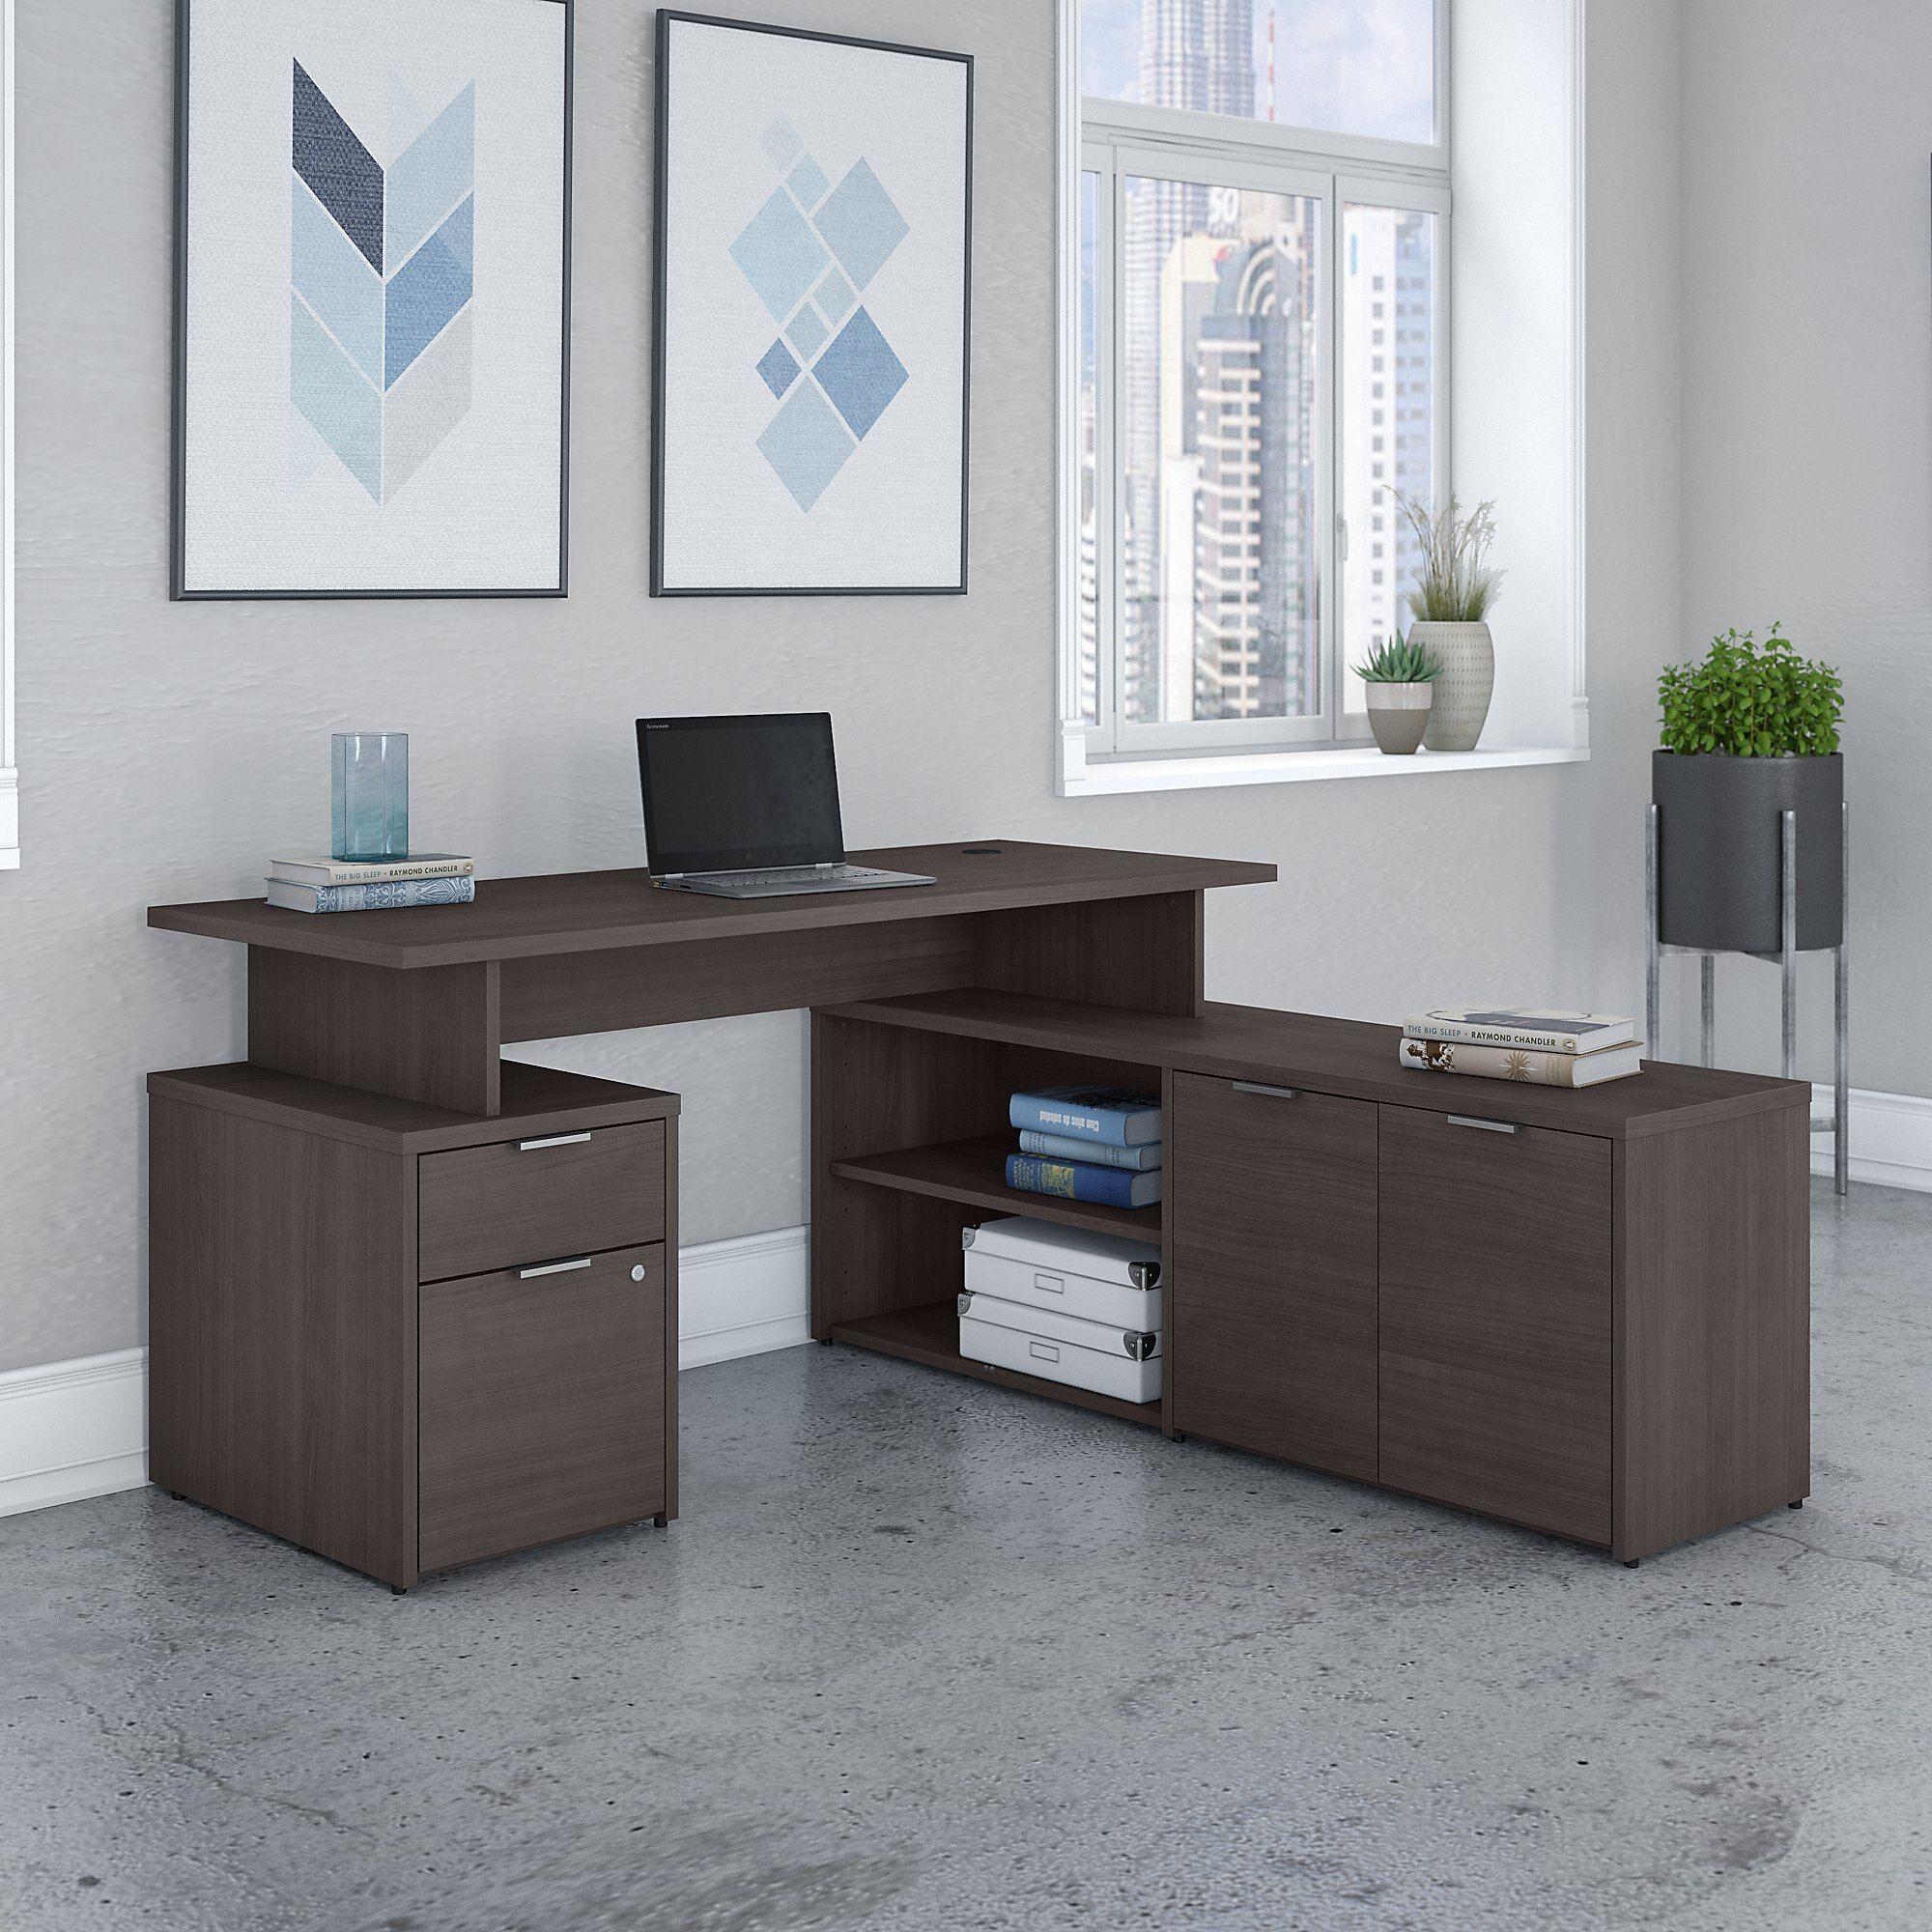 Bush Business Furniture Jamestown 60w L Shaped Desk With Drawers L Shaped Desk Desk With Drawers Bush Business Furniture